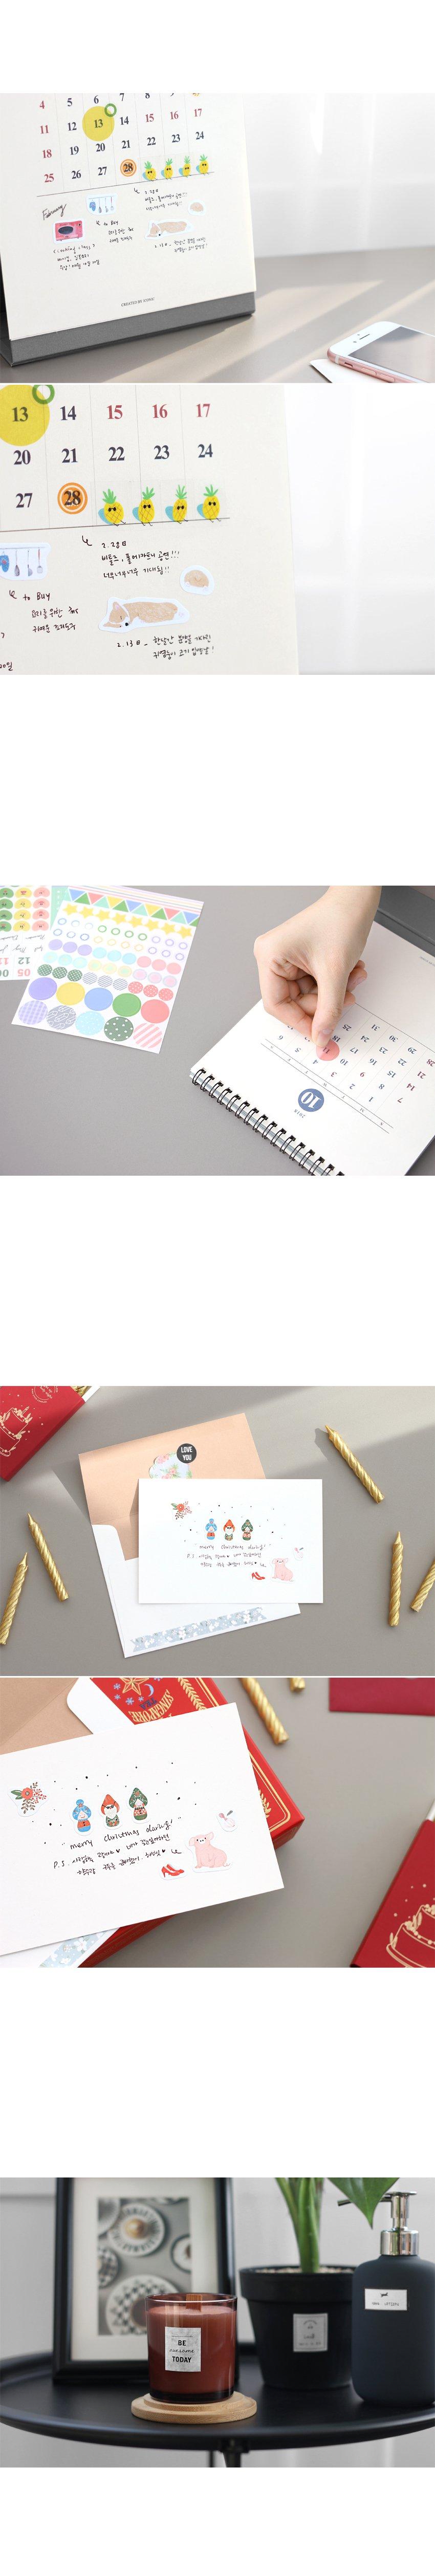 아이코닉 다이어리 데코팩 v84,800원-아이코닉디자인문구, 데코레이션, 스티커, 스티커 세트/스티커 팩바보사랑아이코닉 다이어리 데코팩 v84,800원-아이코닉디자인문구, 데코레이션, 스티커, 스티커 세트/스티커 팩바보사랑